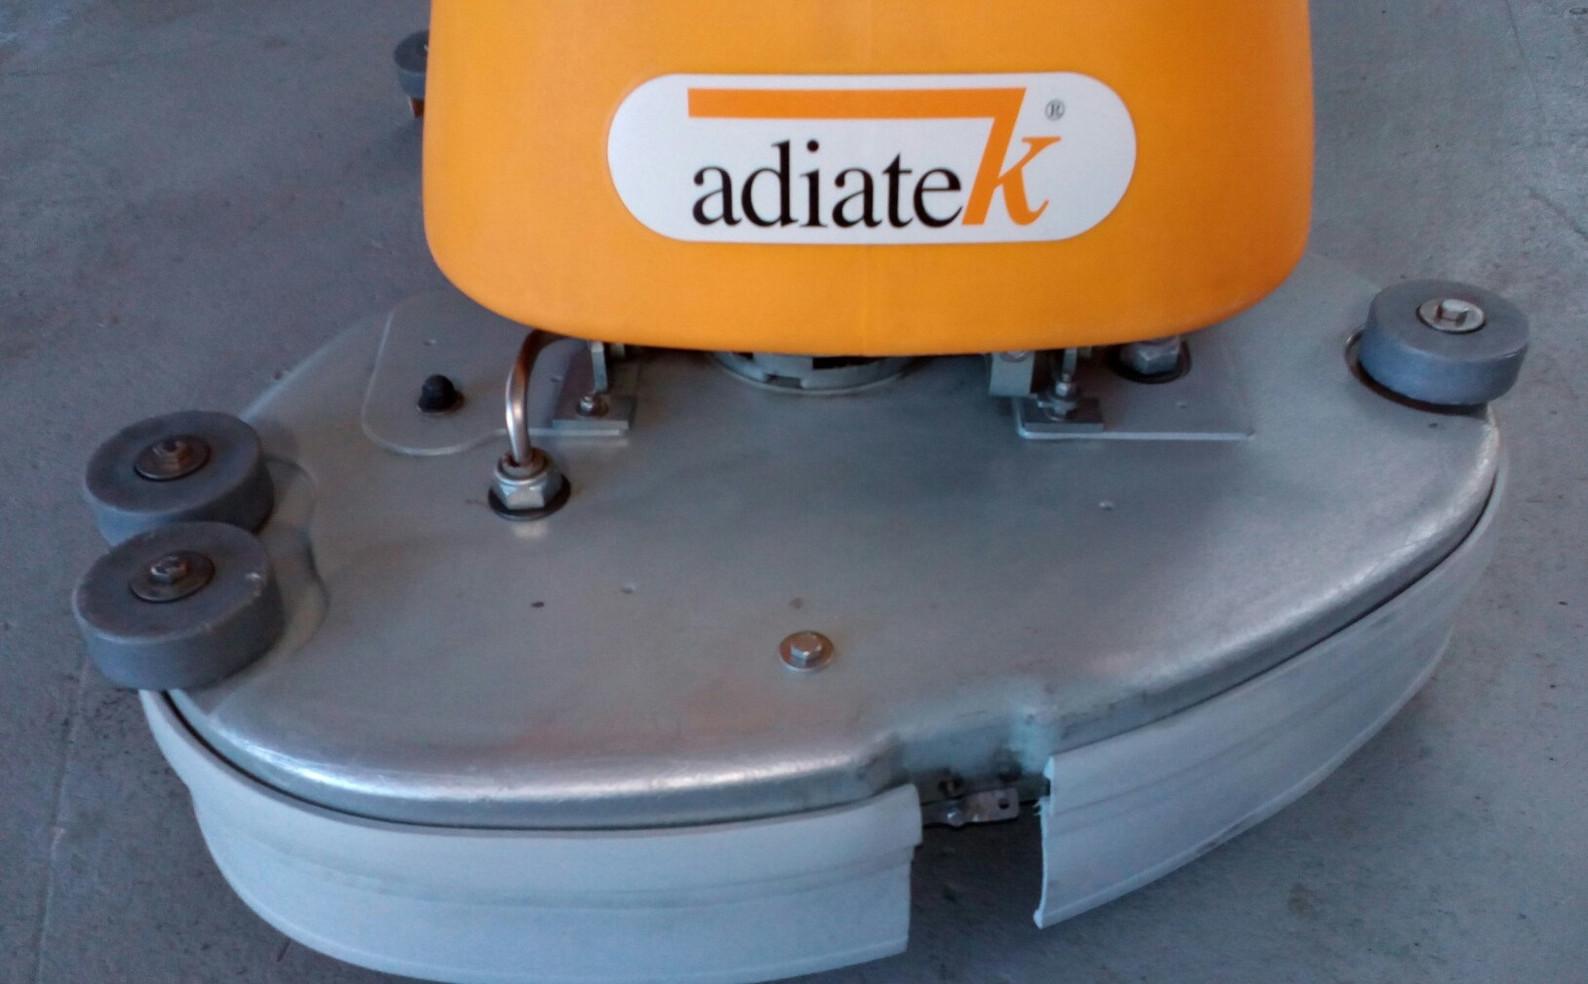 Adiatek Scrub Deck.jpg